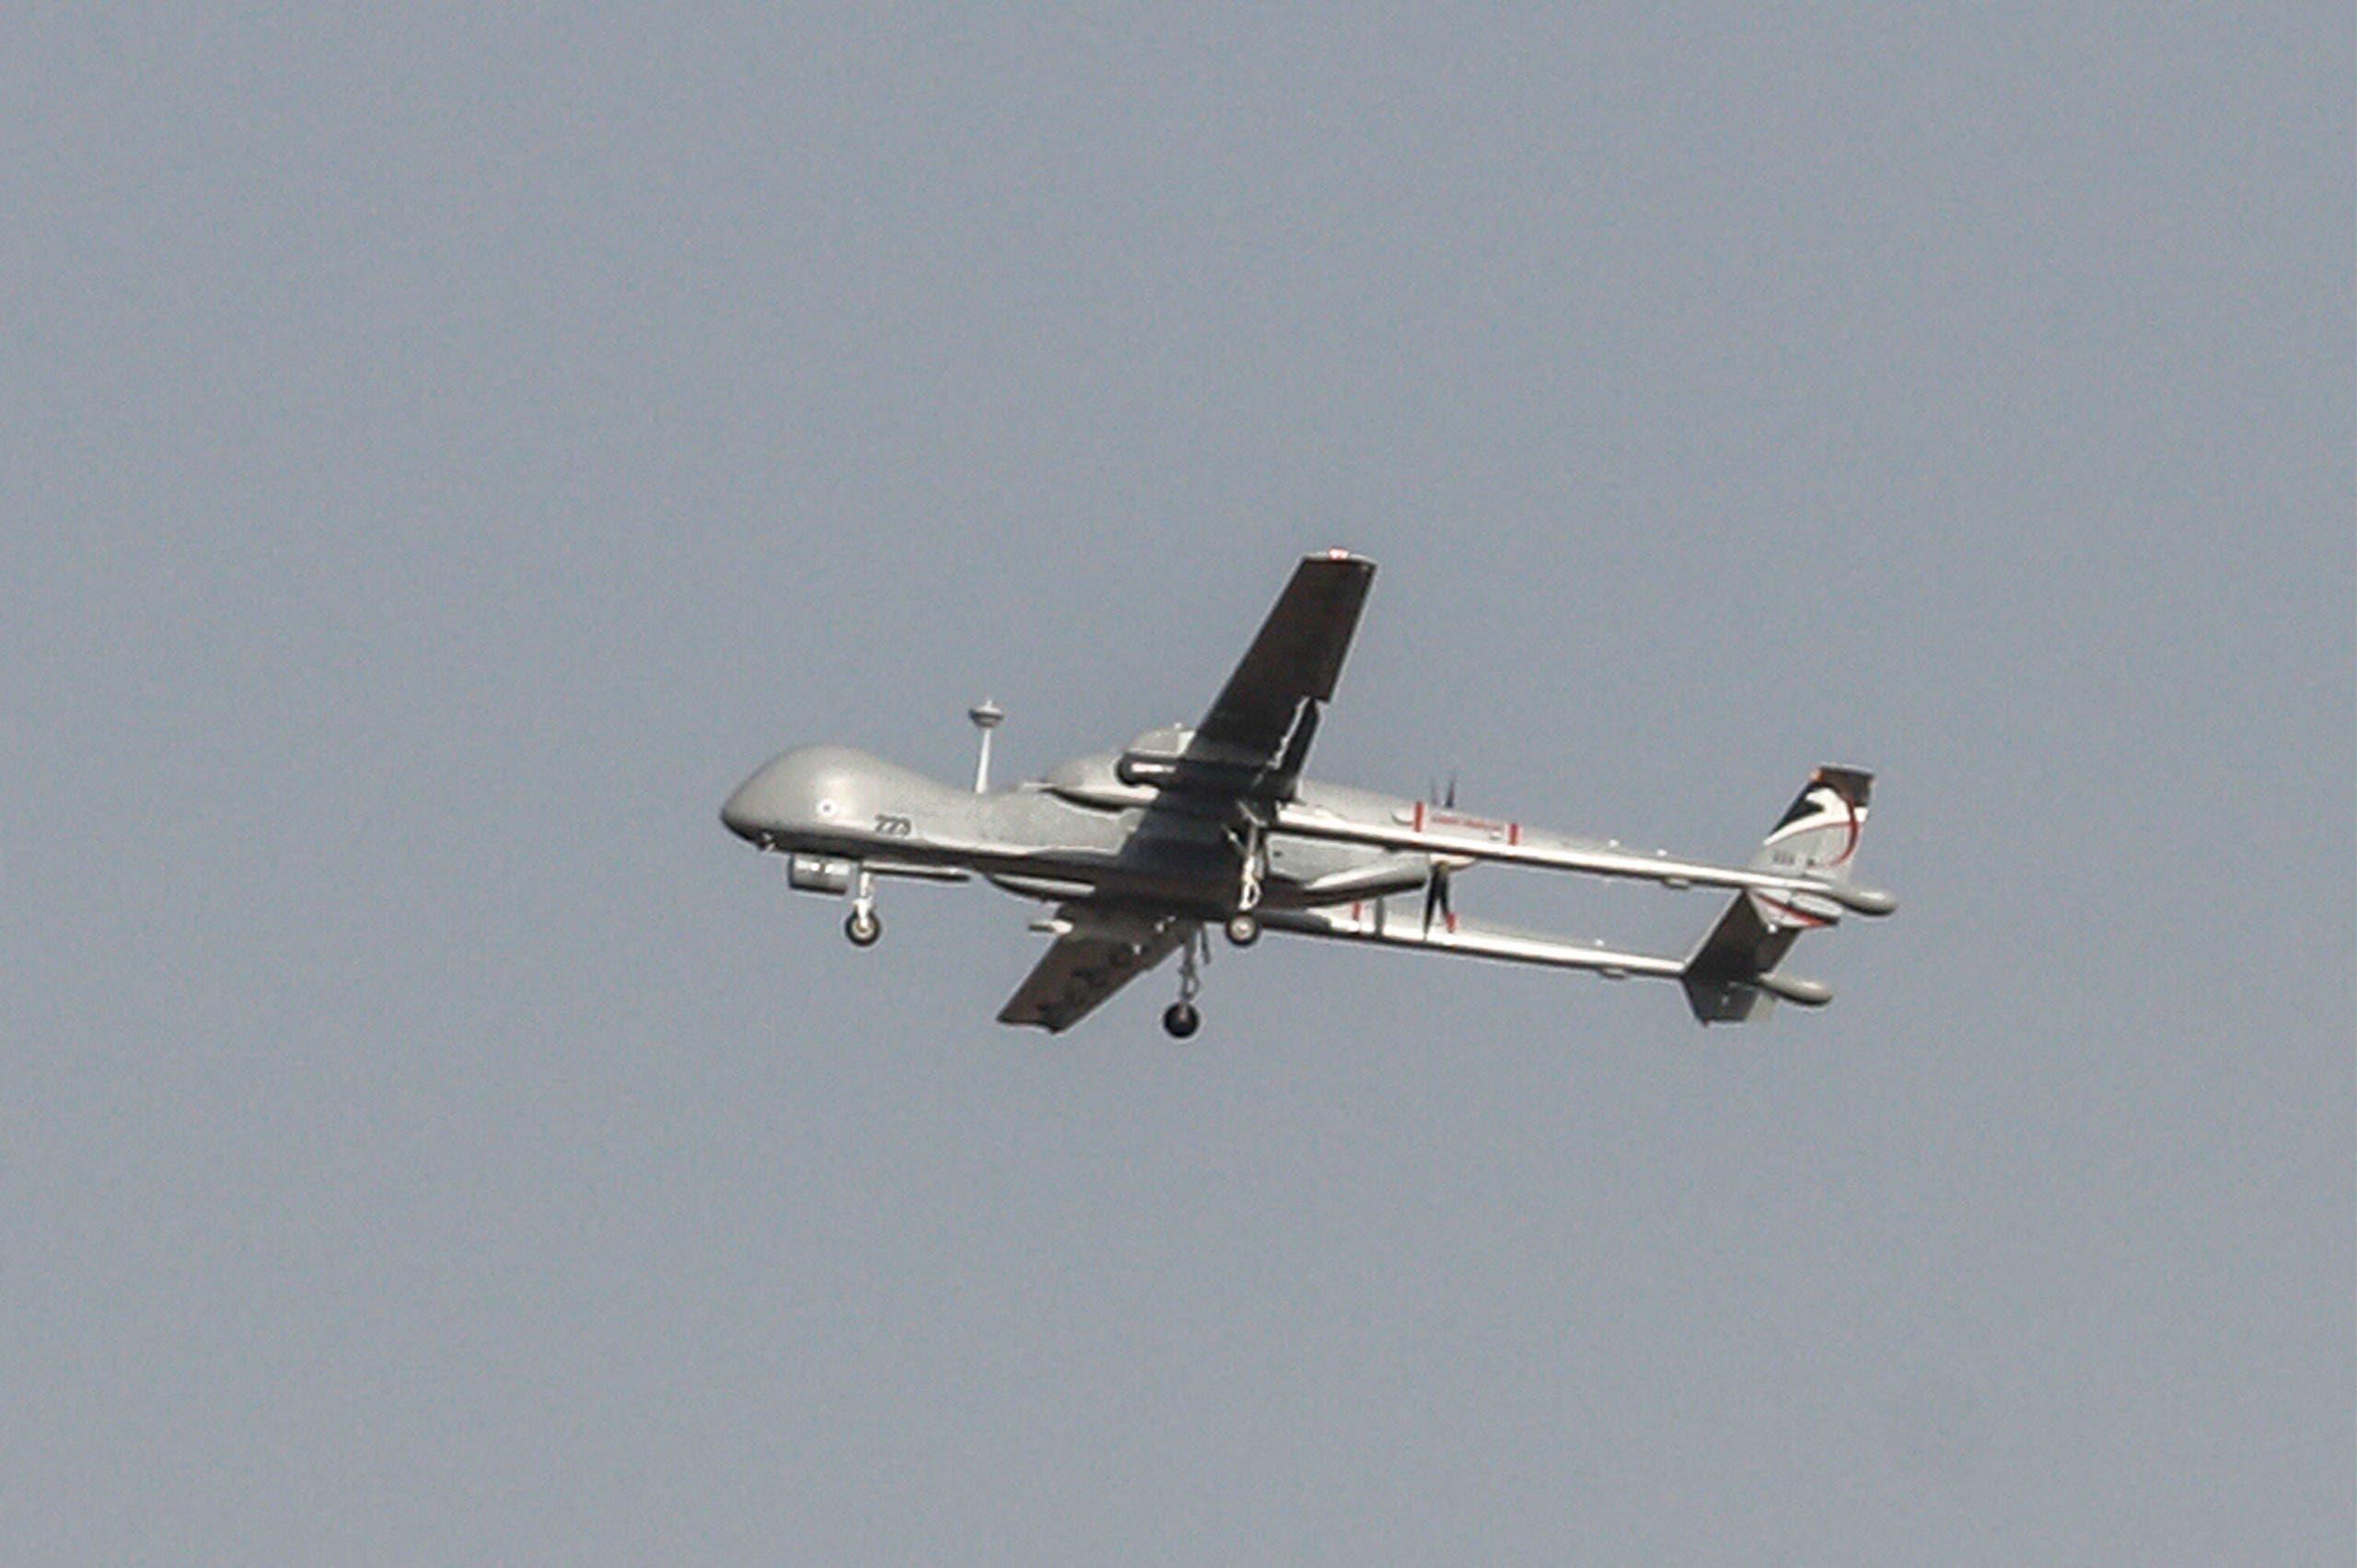 طائرة مسيرة عسكرية إسرائيلية تحلق فوق الحود الشمالية لإسرائيل (أرشيفية)